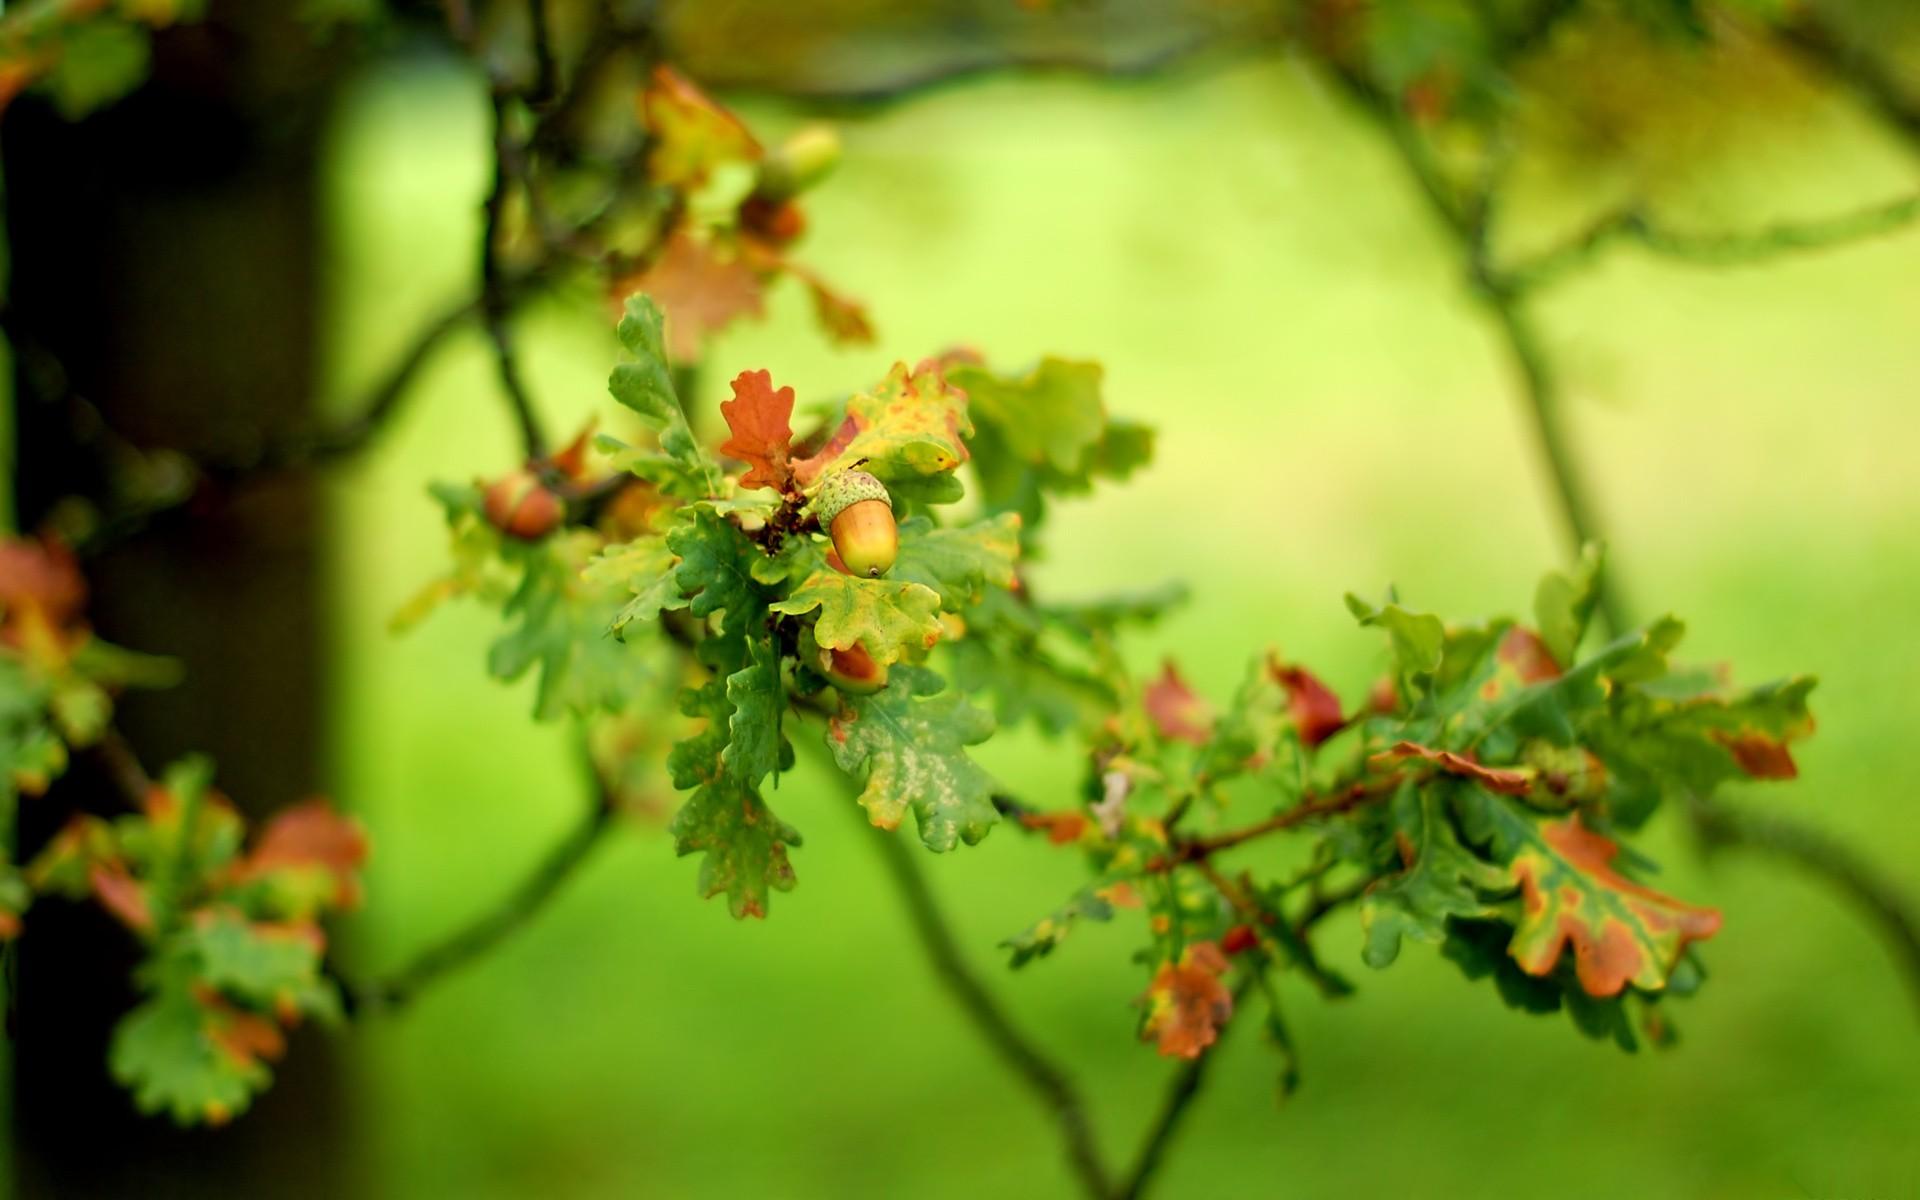 ветка с листьями  № 3792440 без смс